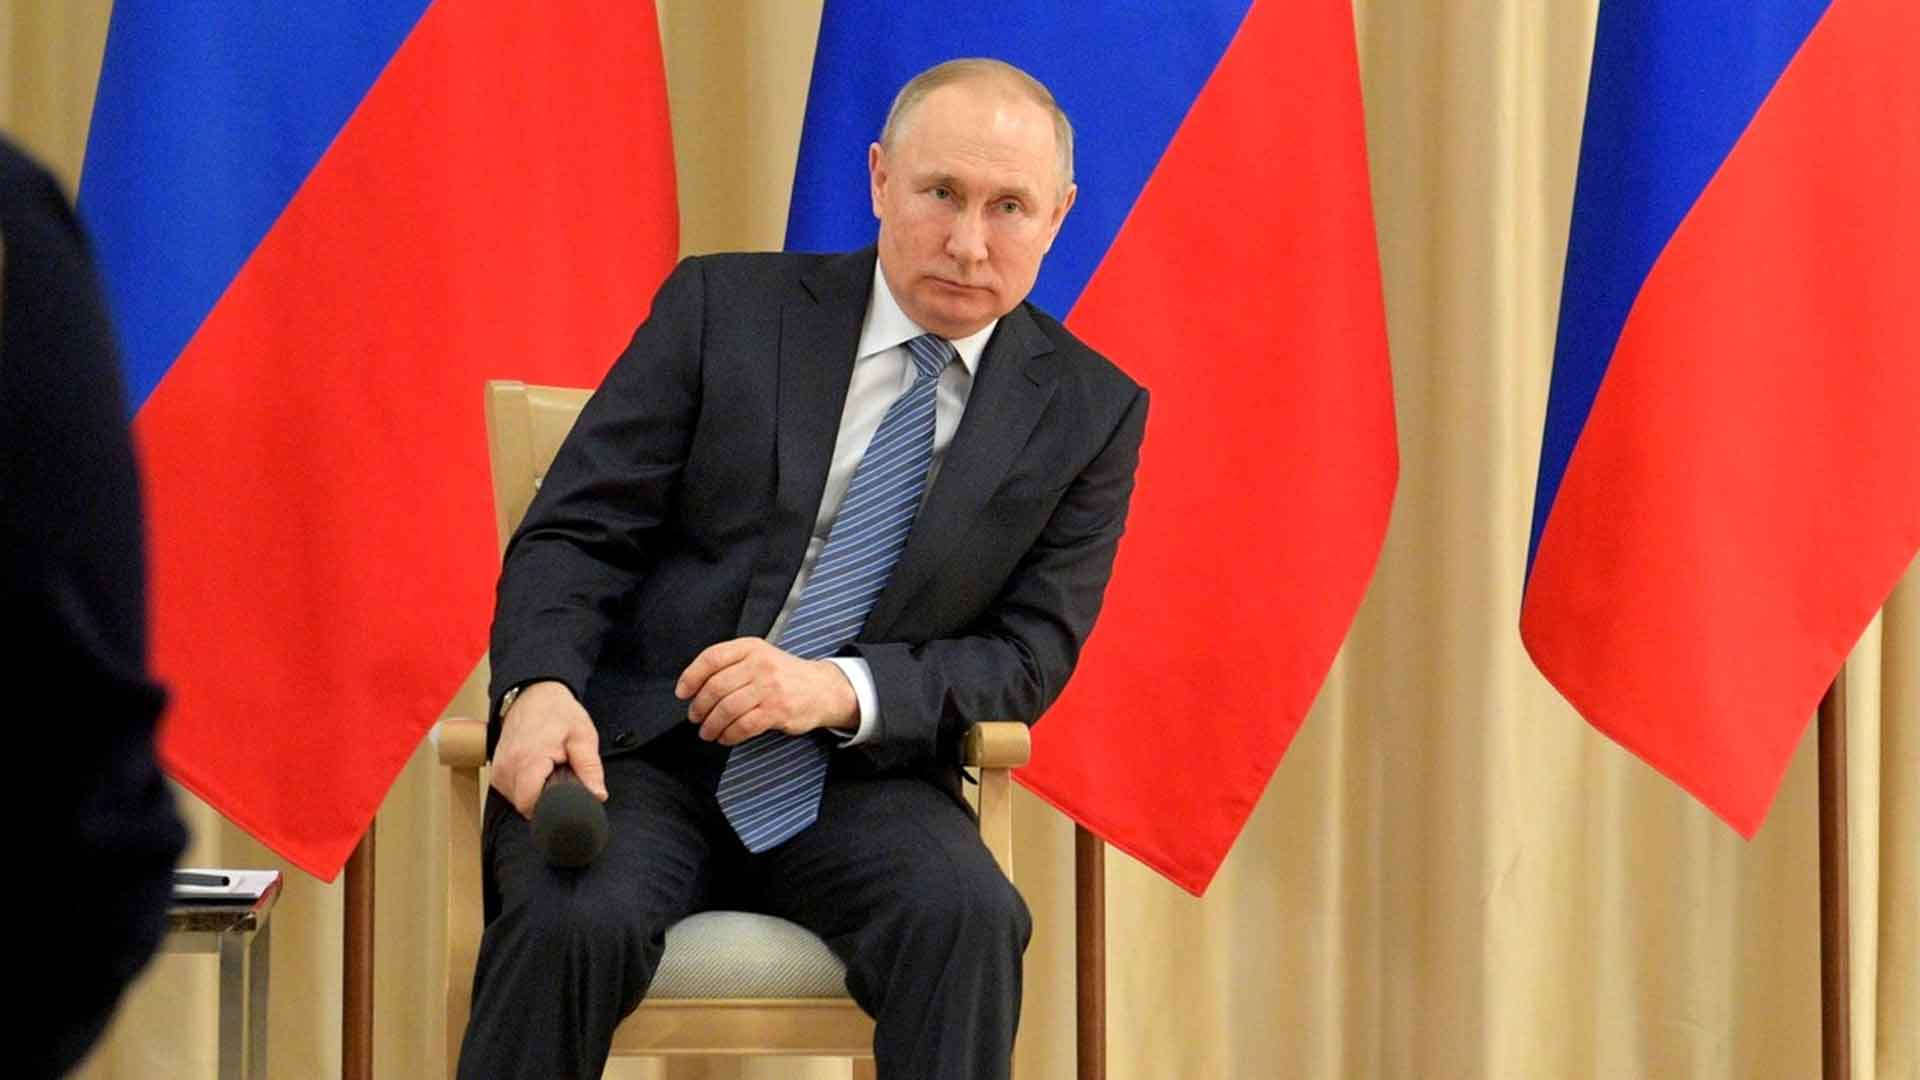 """Британский экономист пояснил, чего хочет добиться Путин от США на фоне """"нефтяной войны"""""""